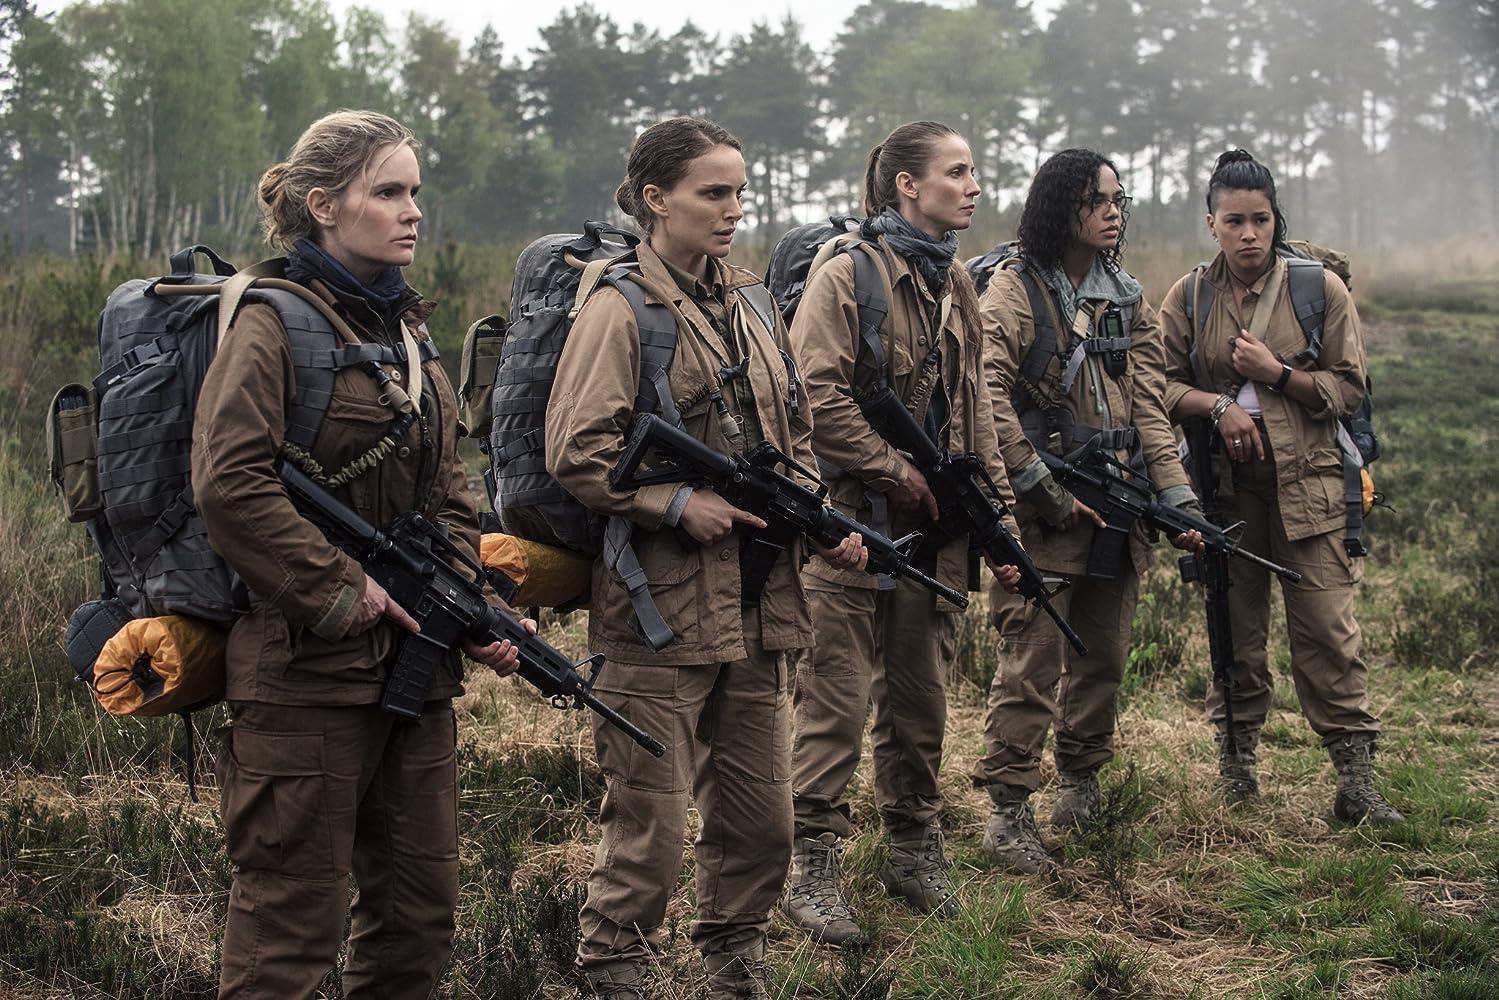 Natalie Portman, Jennifer Jason Leigh, Tuva Novotny, Gina Rodriguez, and Tessa Thompson in Annihilation (2018)